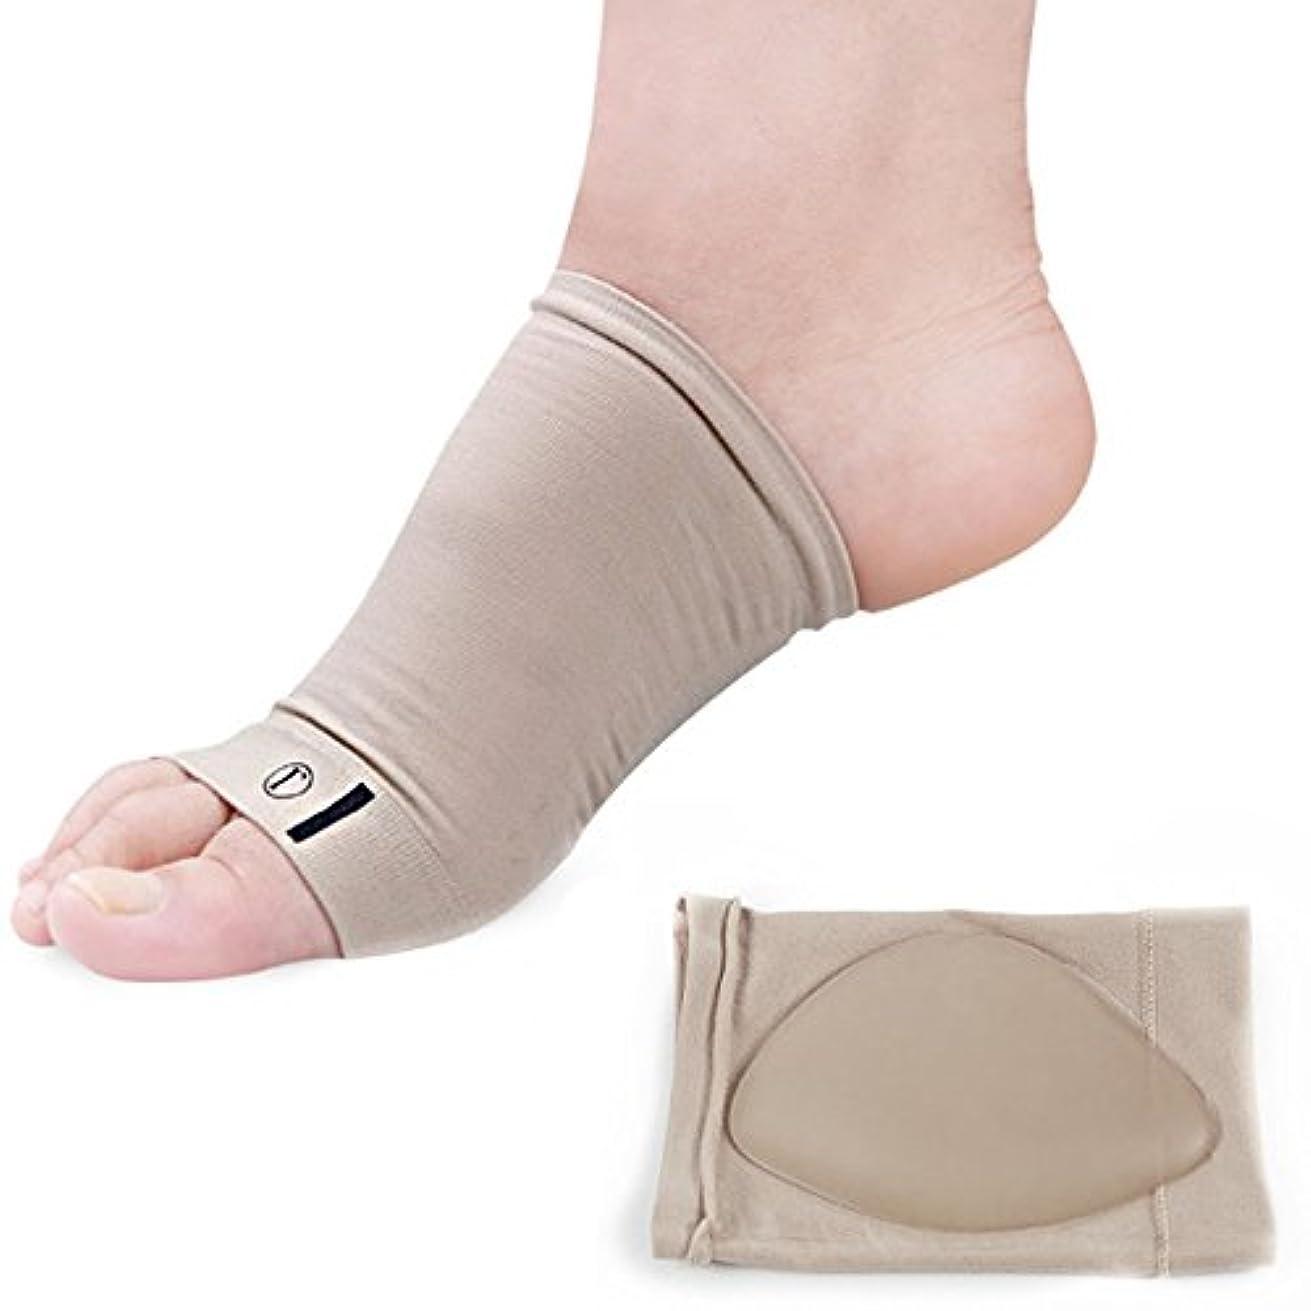 熱帯の中古幽霊山の奥 足底筋膜炎 アーチサポーター 専用 シリコン インソール 衝撃吸収 足裏 足底の痛みを解消 左右セット 解消足裏パッド